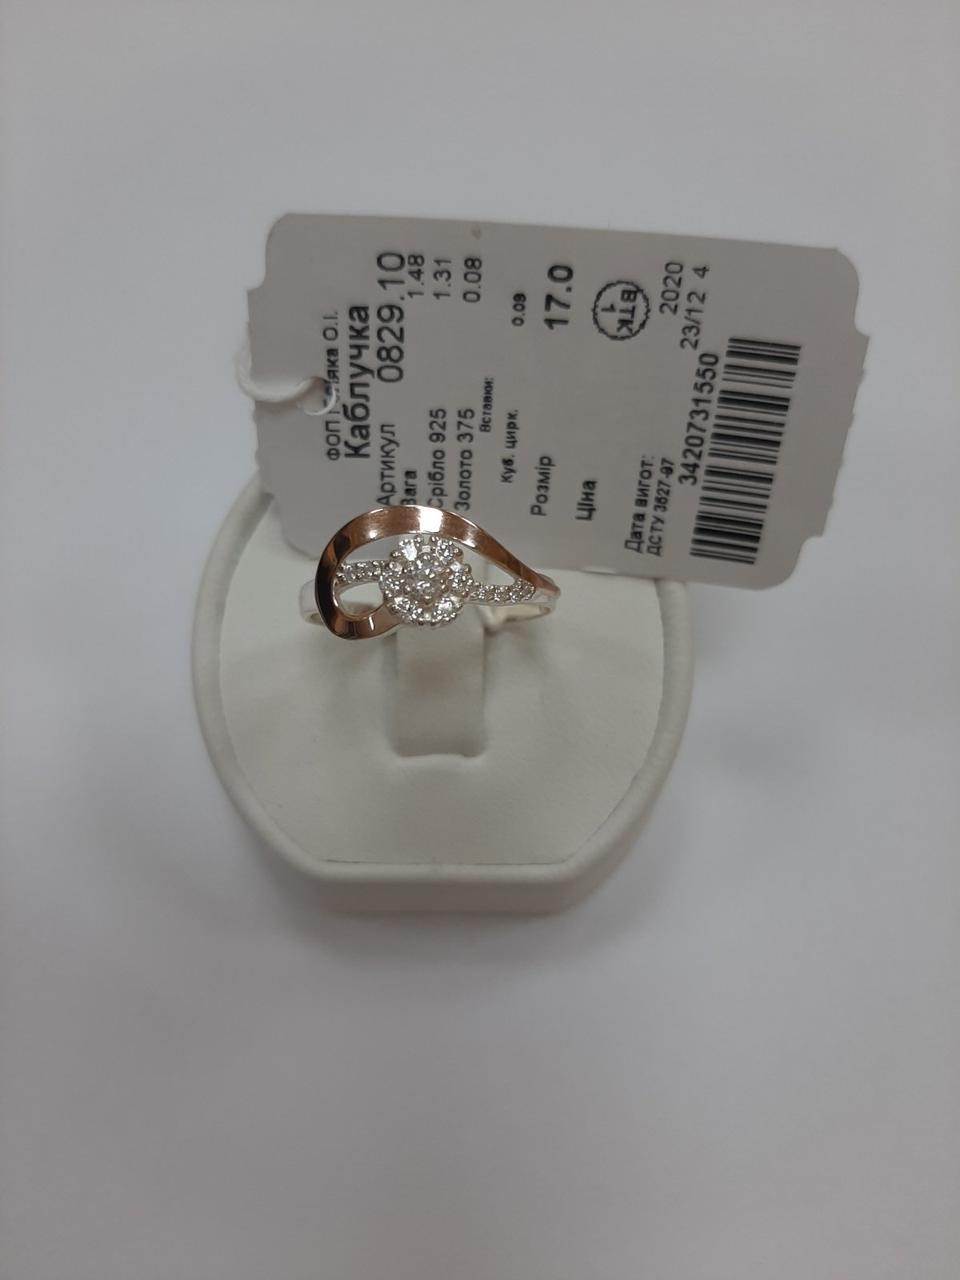 Серебряное кольцо 925 пробы с золотыми вставками 375 пробы.